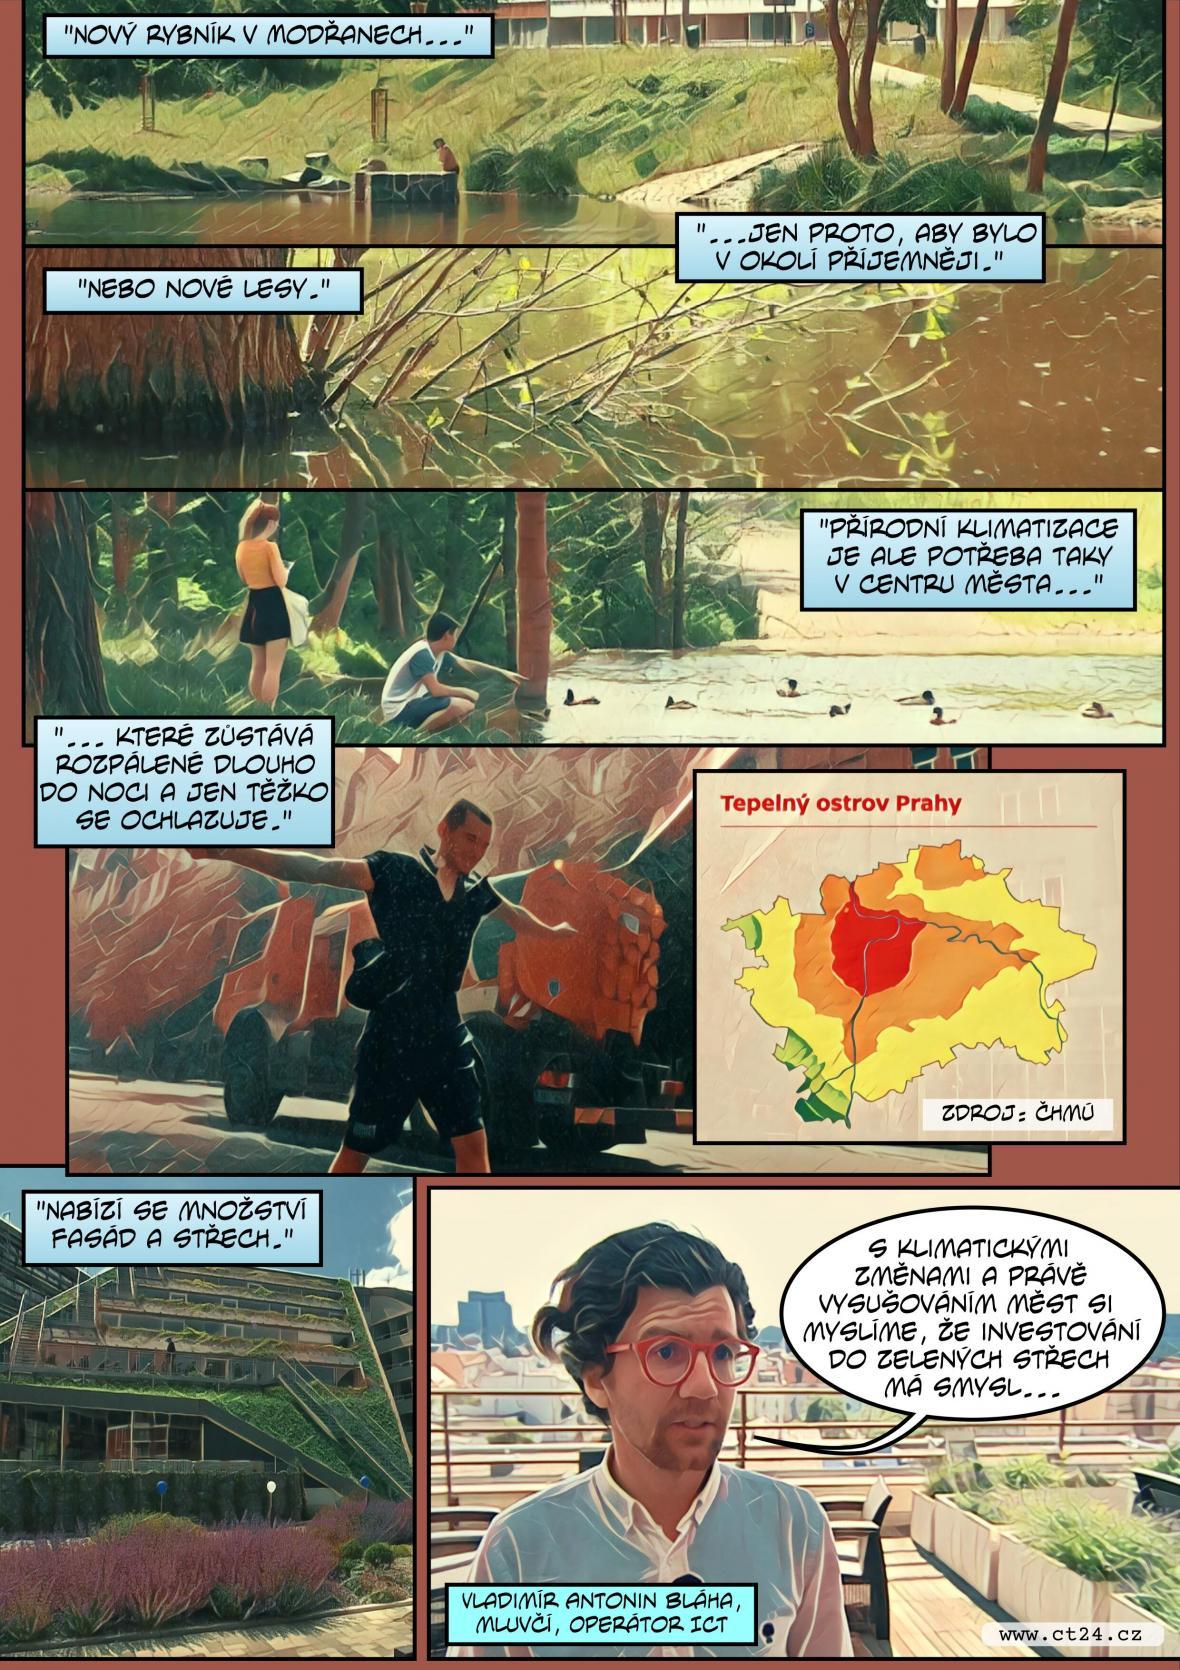 Komiks: Praha se snaží zmírnit svůj tepelný ostrov